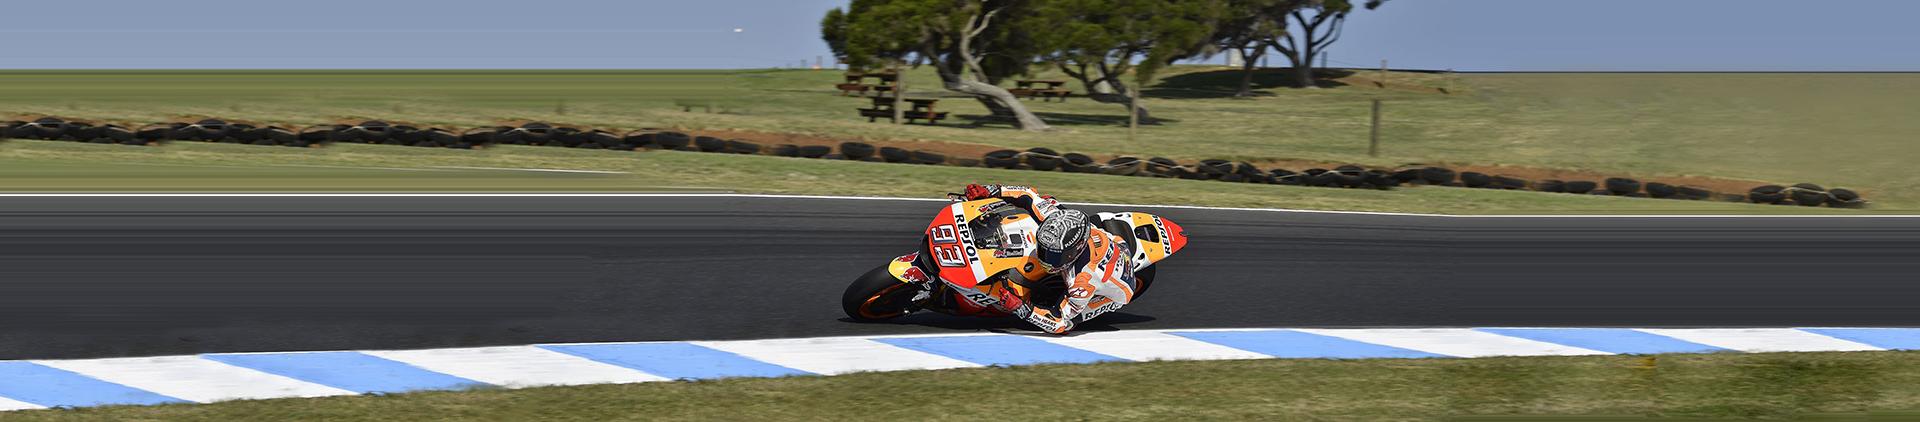 MotoGP Australie